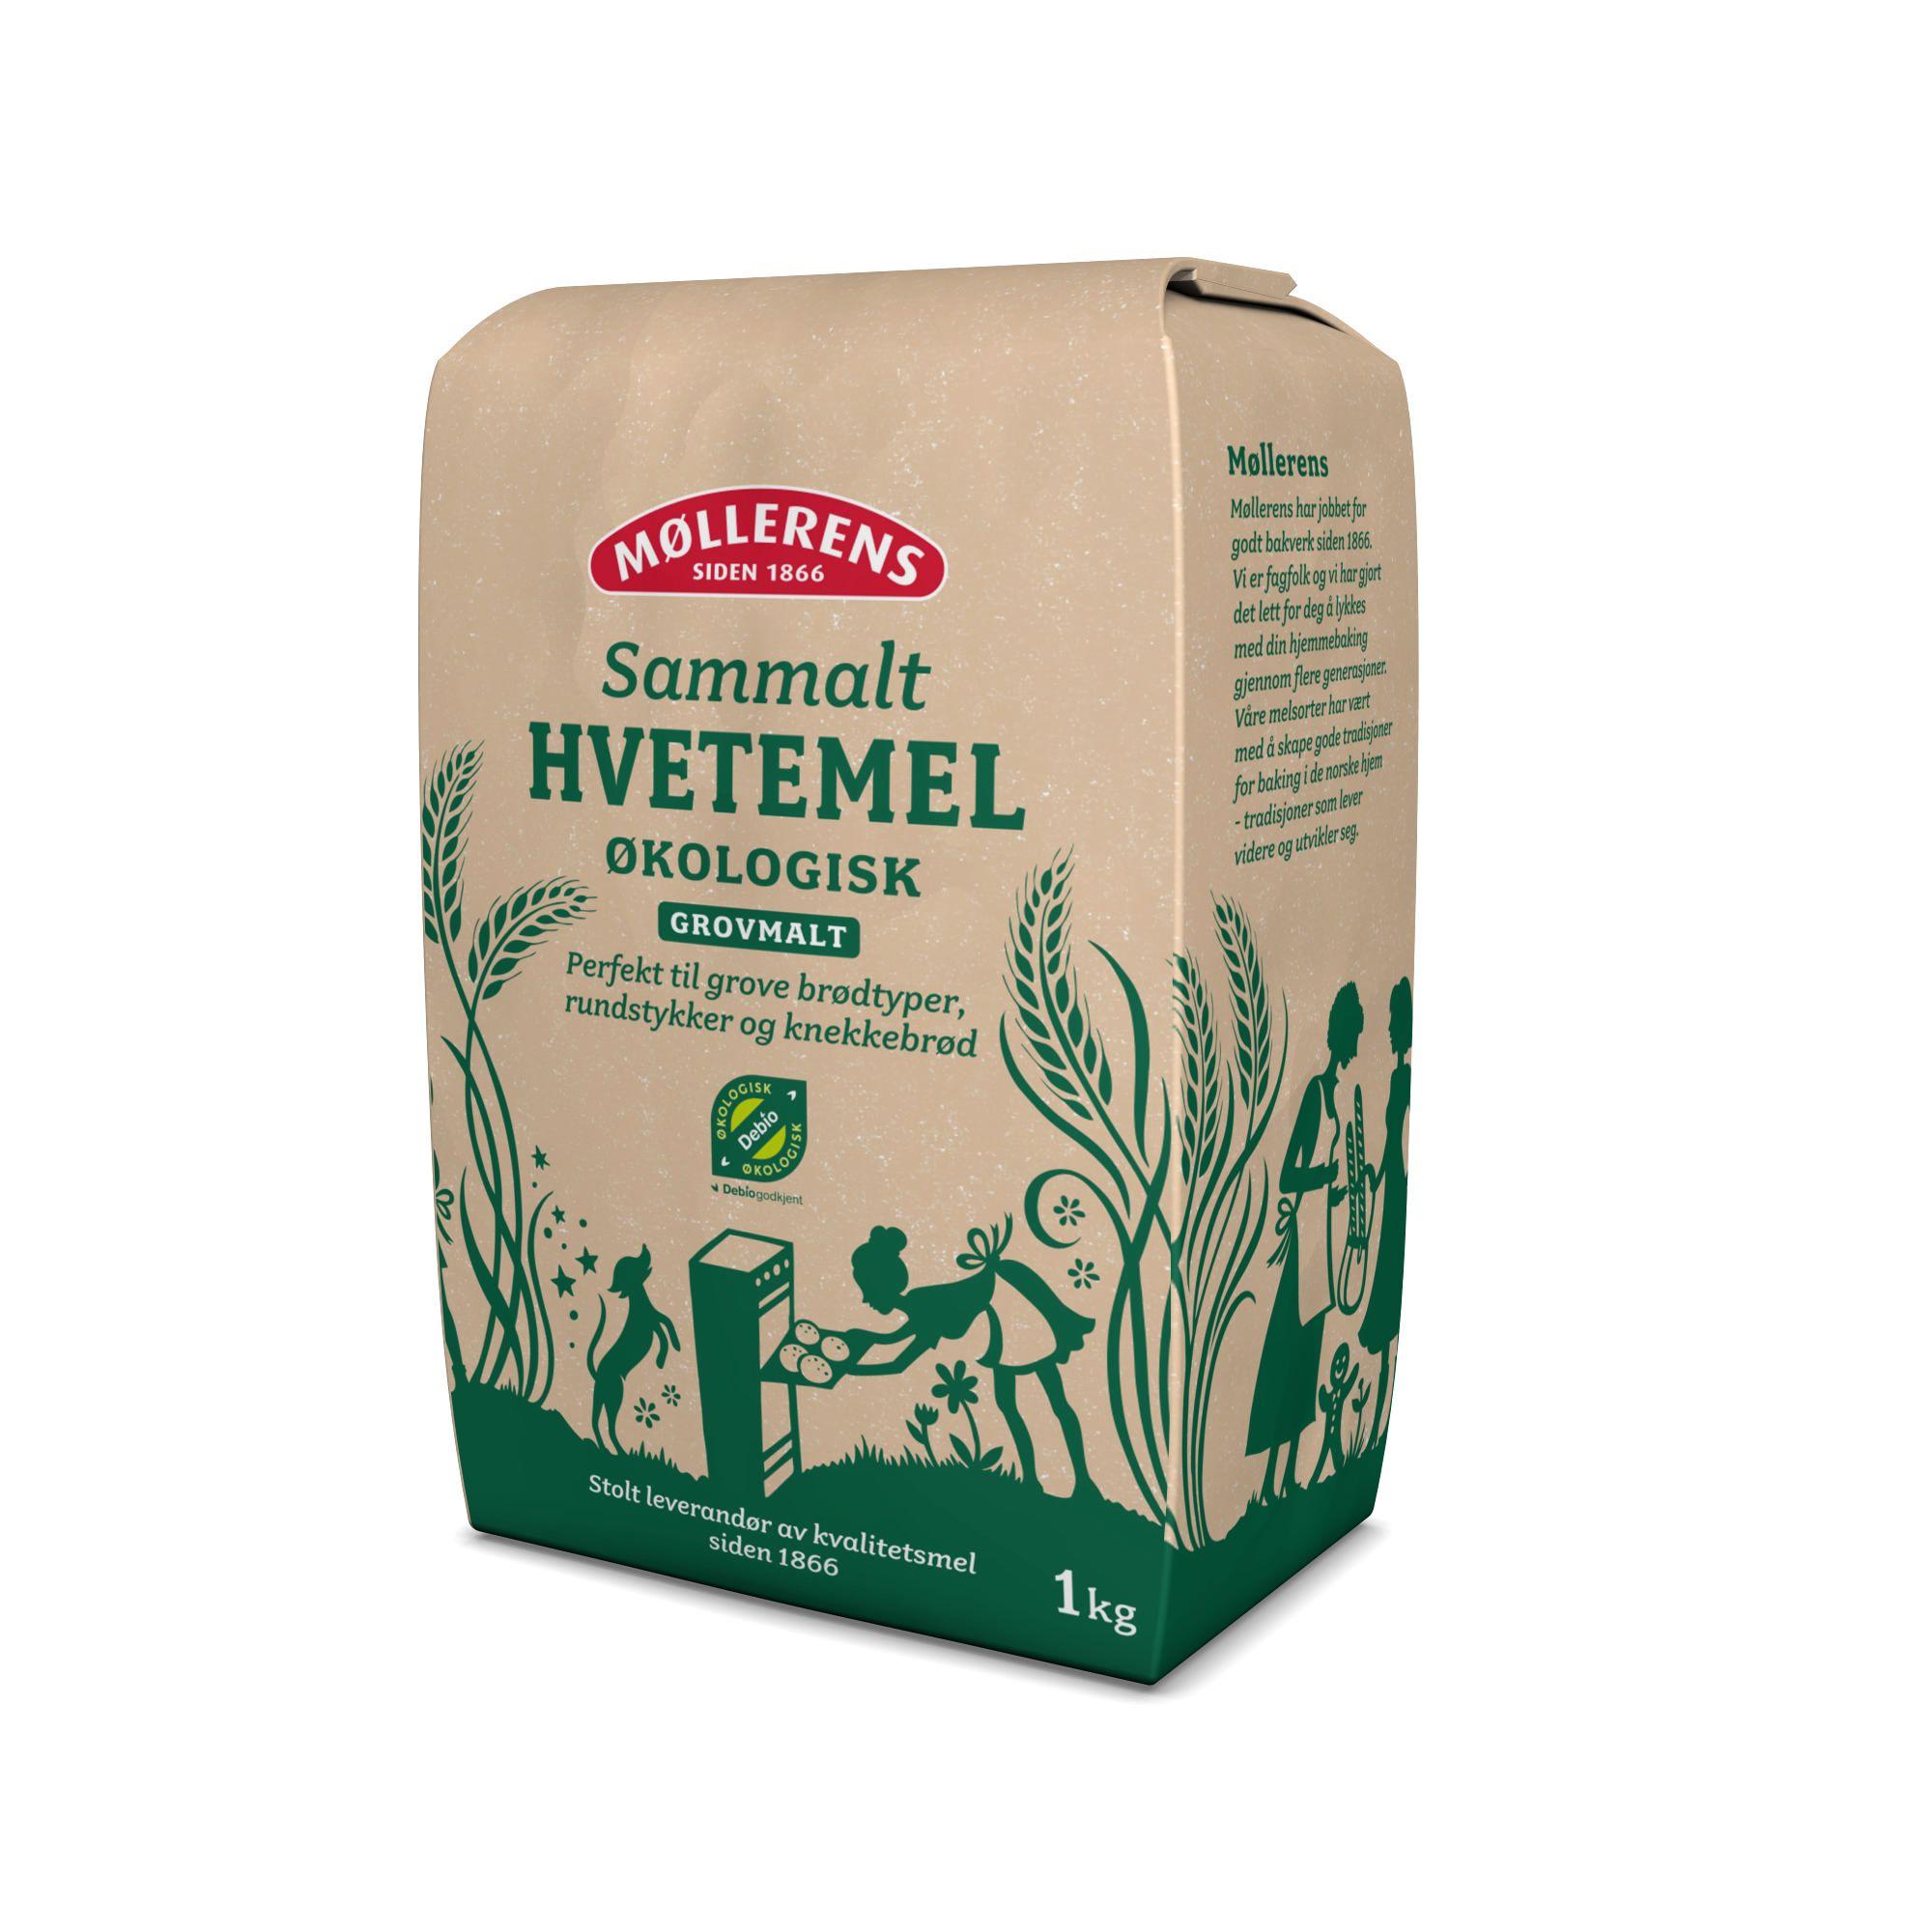 Møllerens Økologisk Sammalt Hvetemel flour packaging emballasje GRID design Kate Forrester